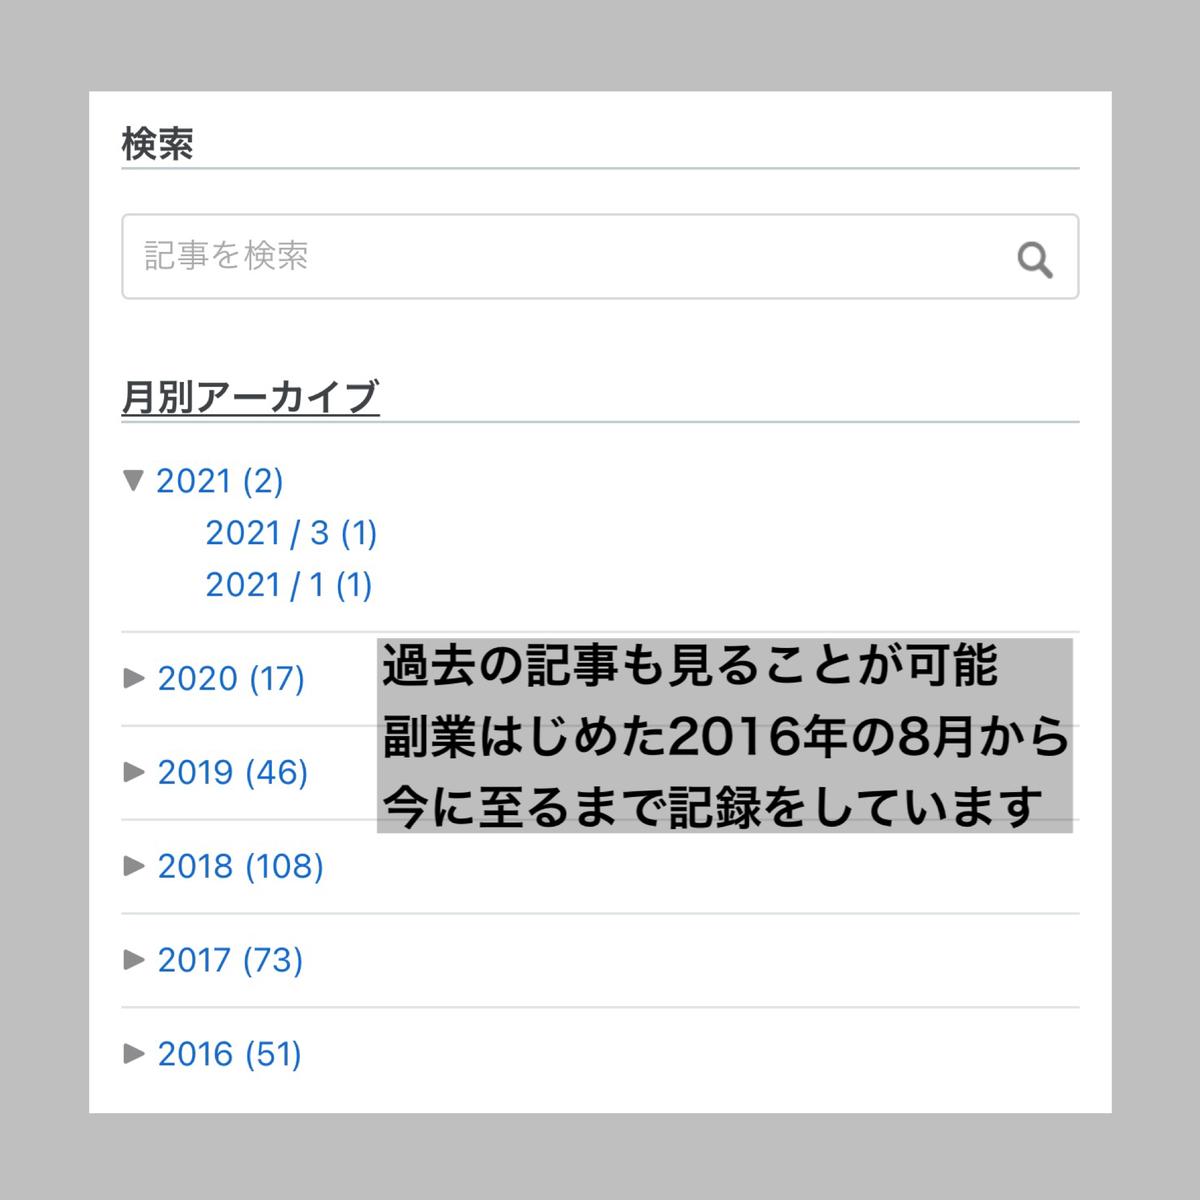 f:id:seiichikkk:20210330005952j:plain